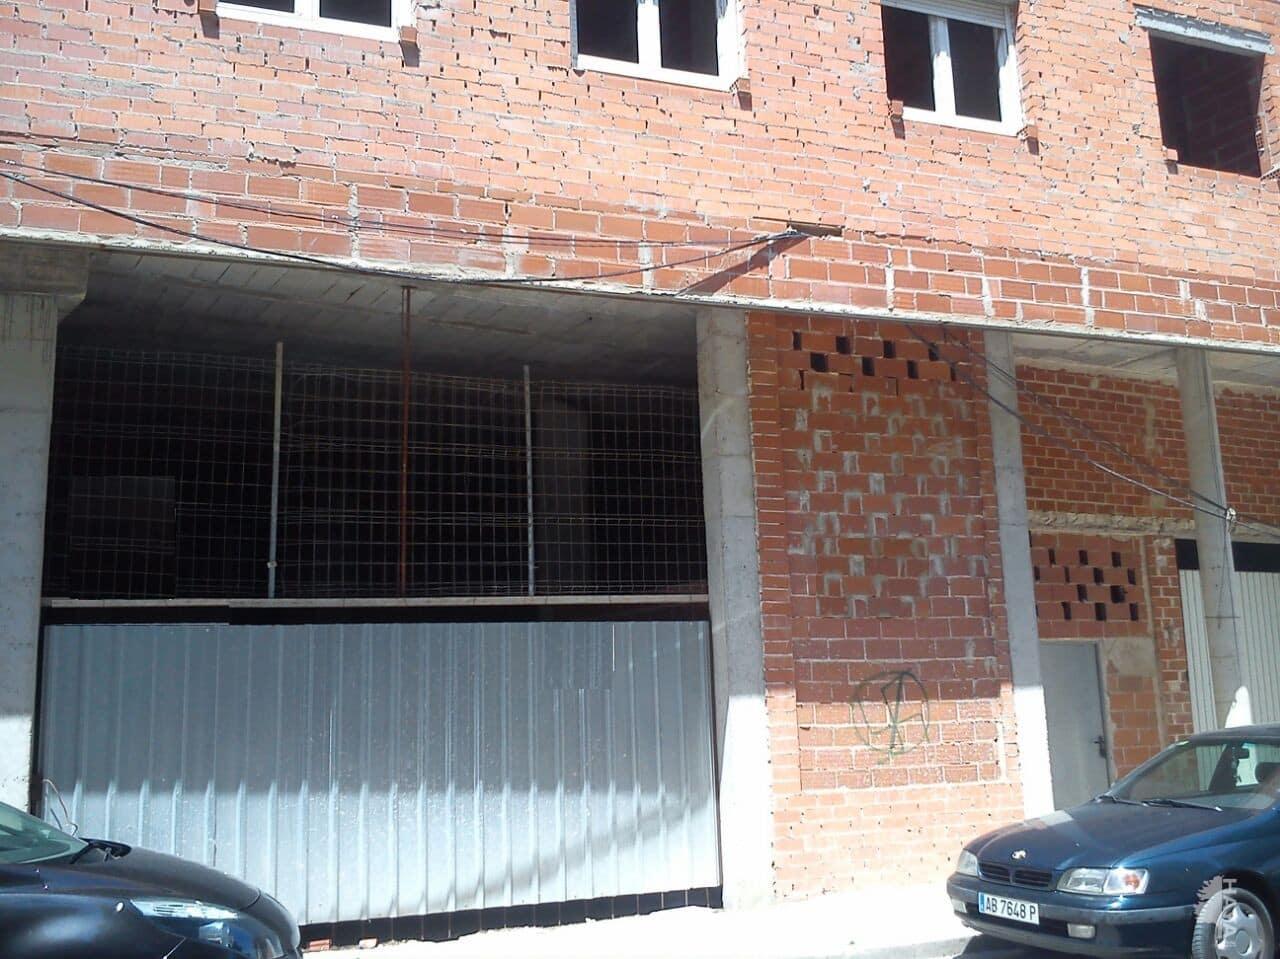 Piso en venta en La Roda, Albacete, Calle Juan Garcia Glz, 38.500 €, 1 habitación, 1 baño, 95 m2